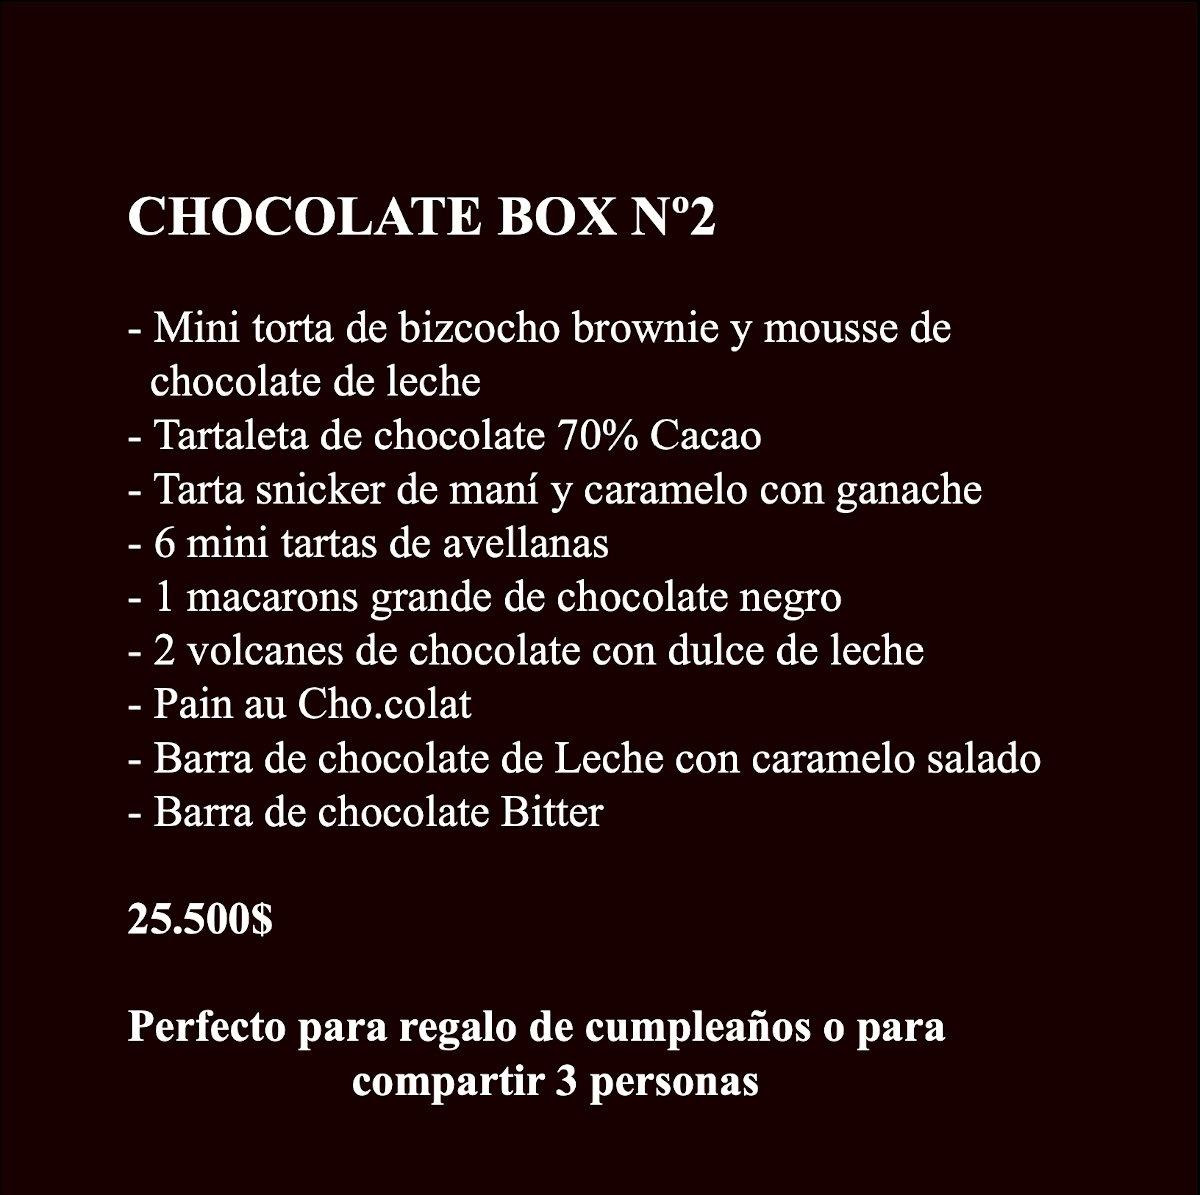 Chocolate Box 2 Contenido